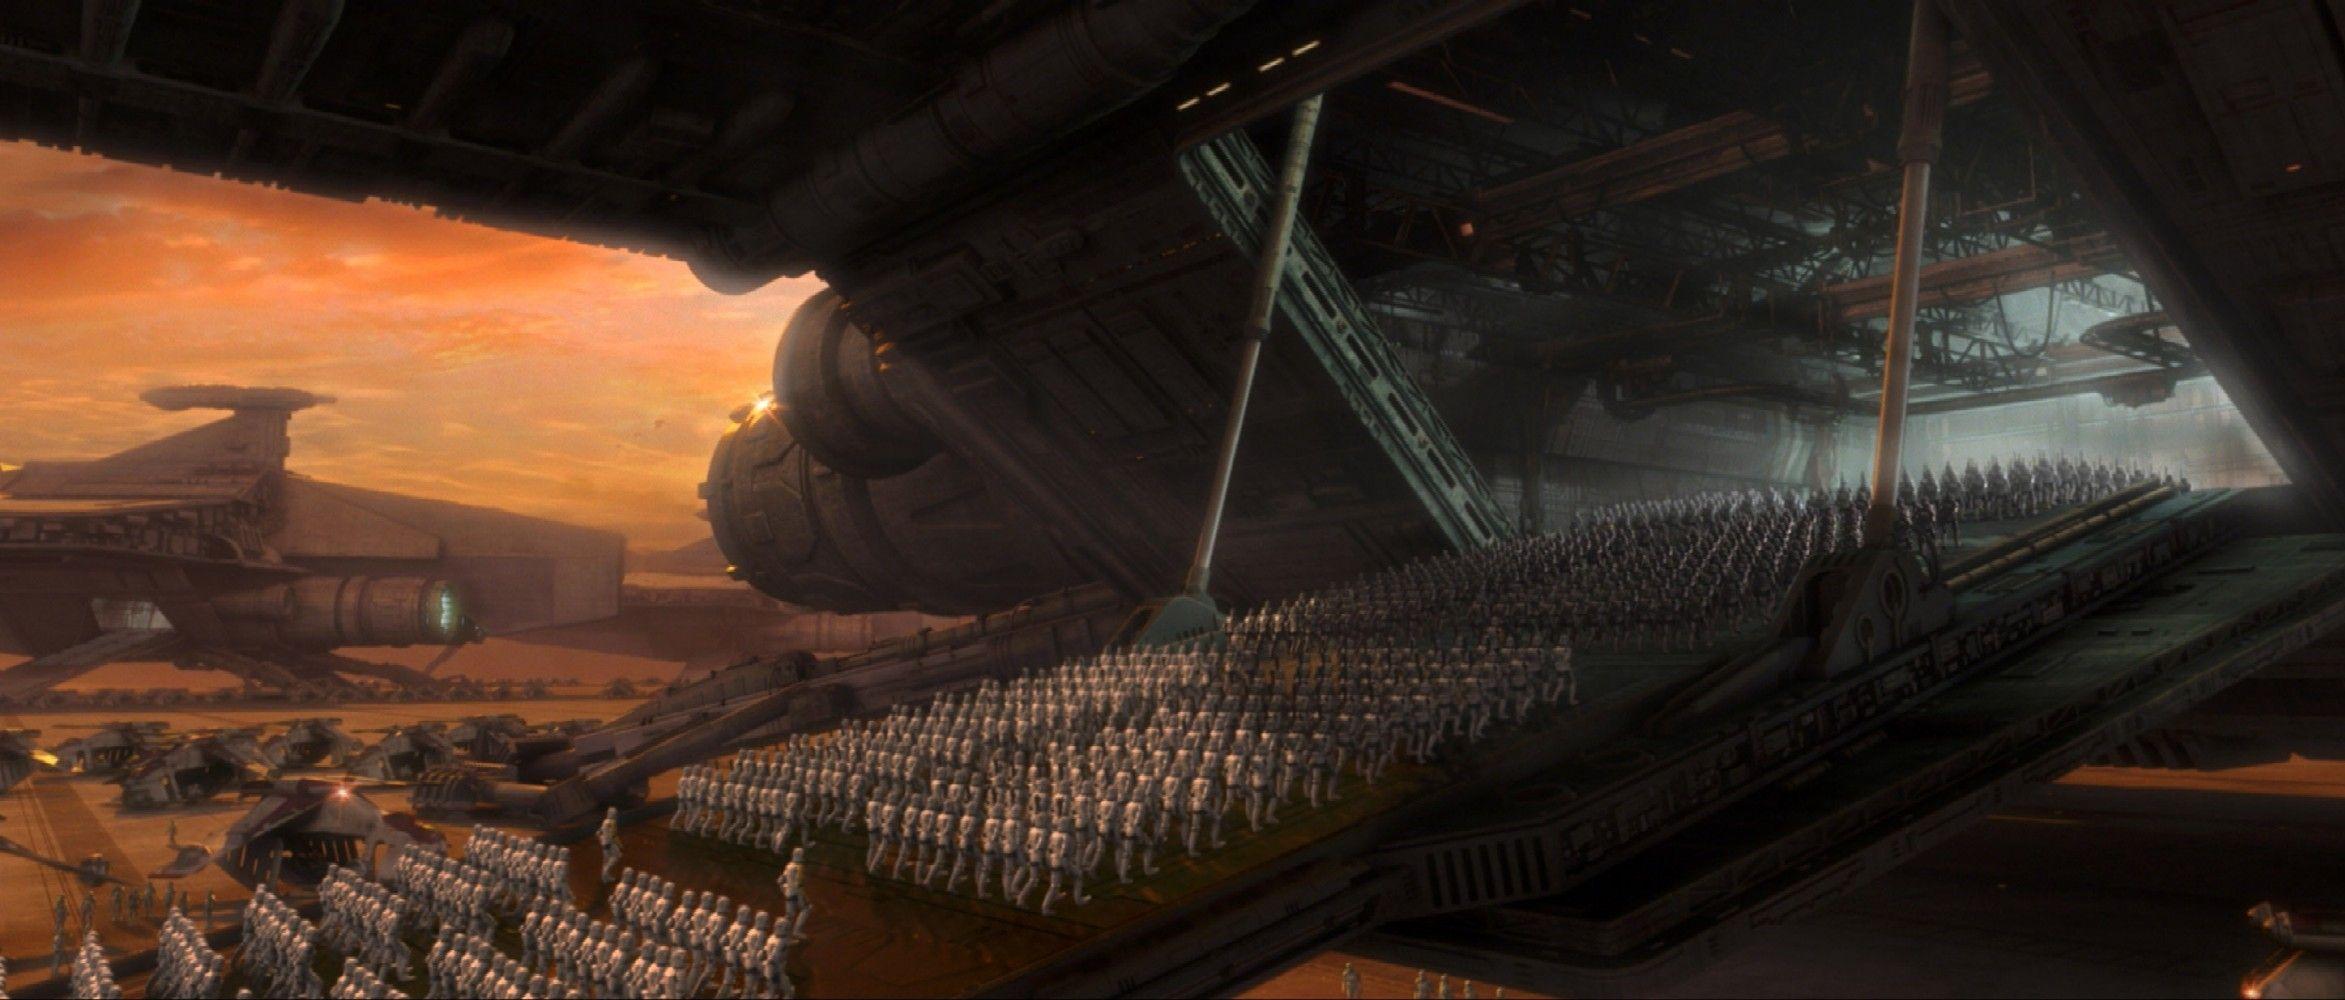 ¿Quién realmente ordena la construcción del ejército clon (mandado a la vez por su maestro)?